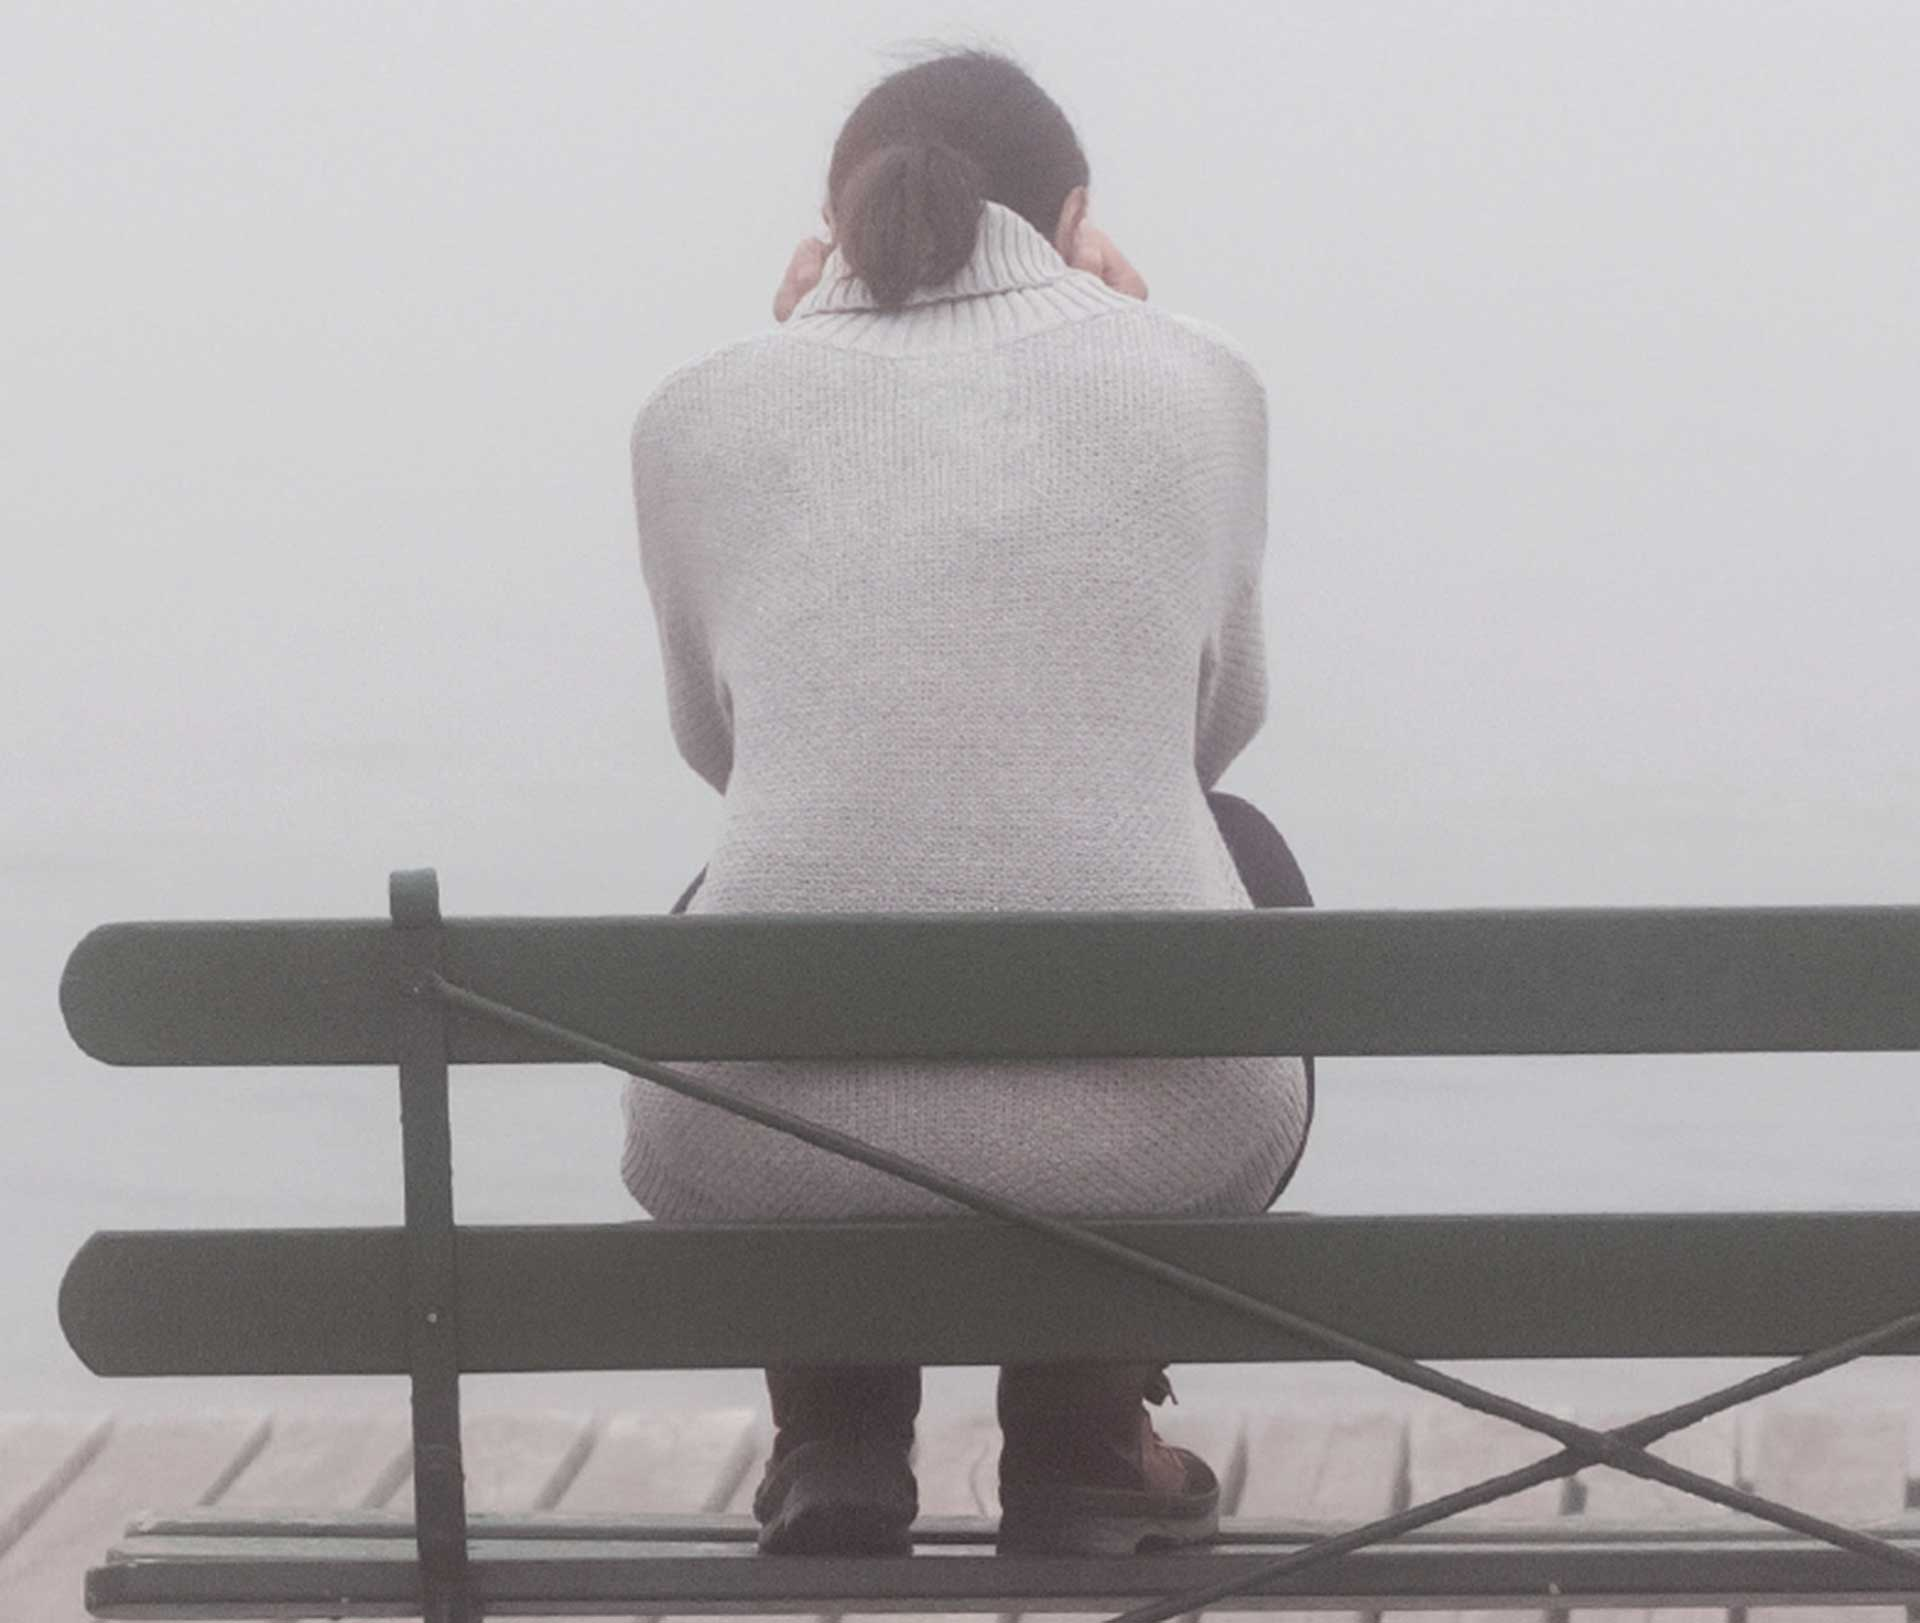 «Es kann jeden treffen»: Menschen, deren Leben von Krankheit geprägt ist, droht eine gefährliche Abwärtsspirale. | ® 2019  Caritas Luzern